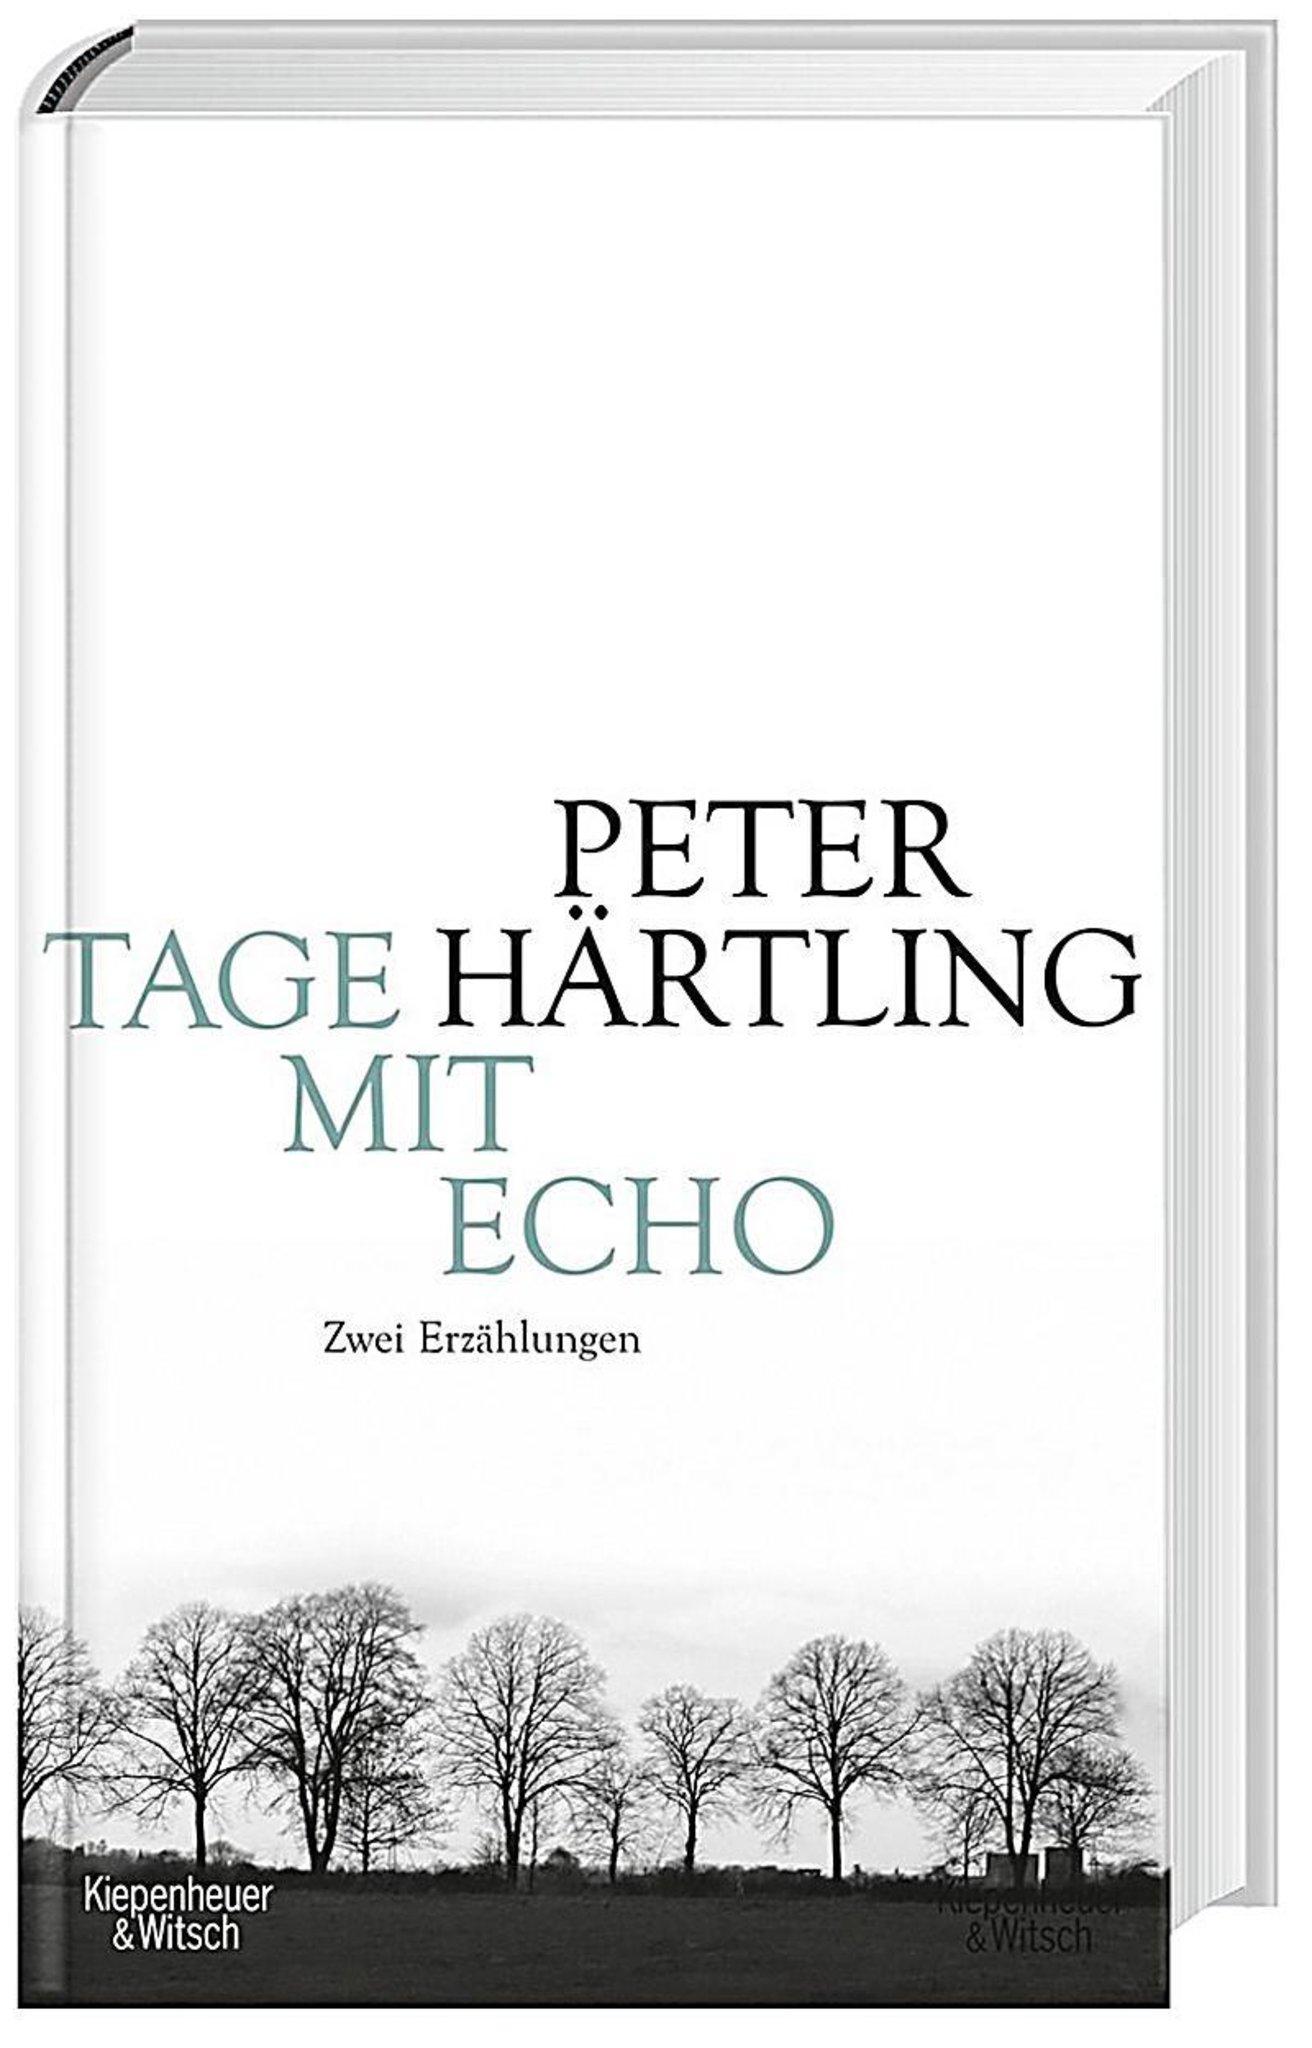 Neue Erzahlungen Zum 80 Geburtstag Von Peter Hartling Am 13